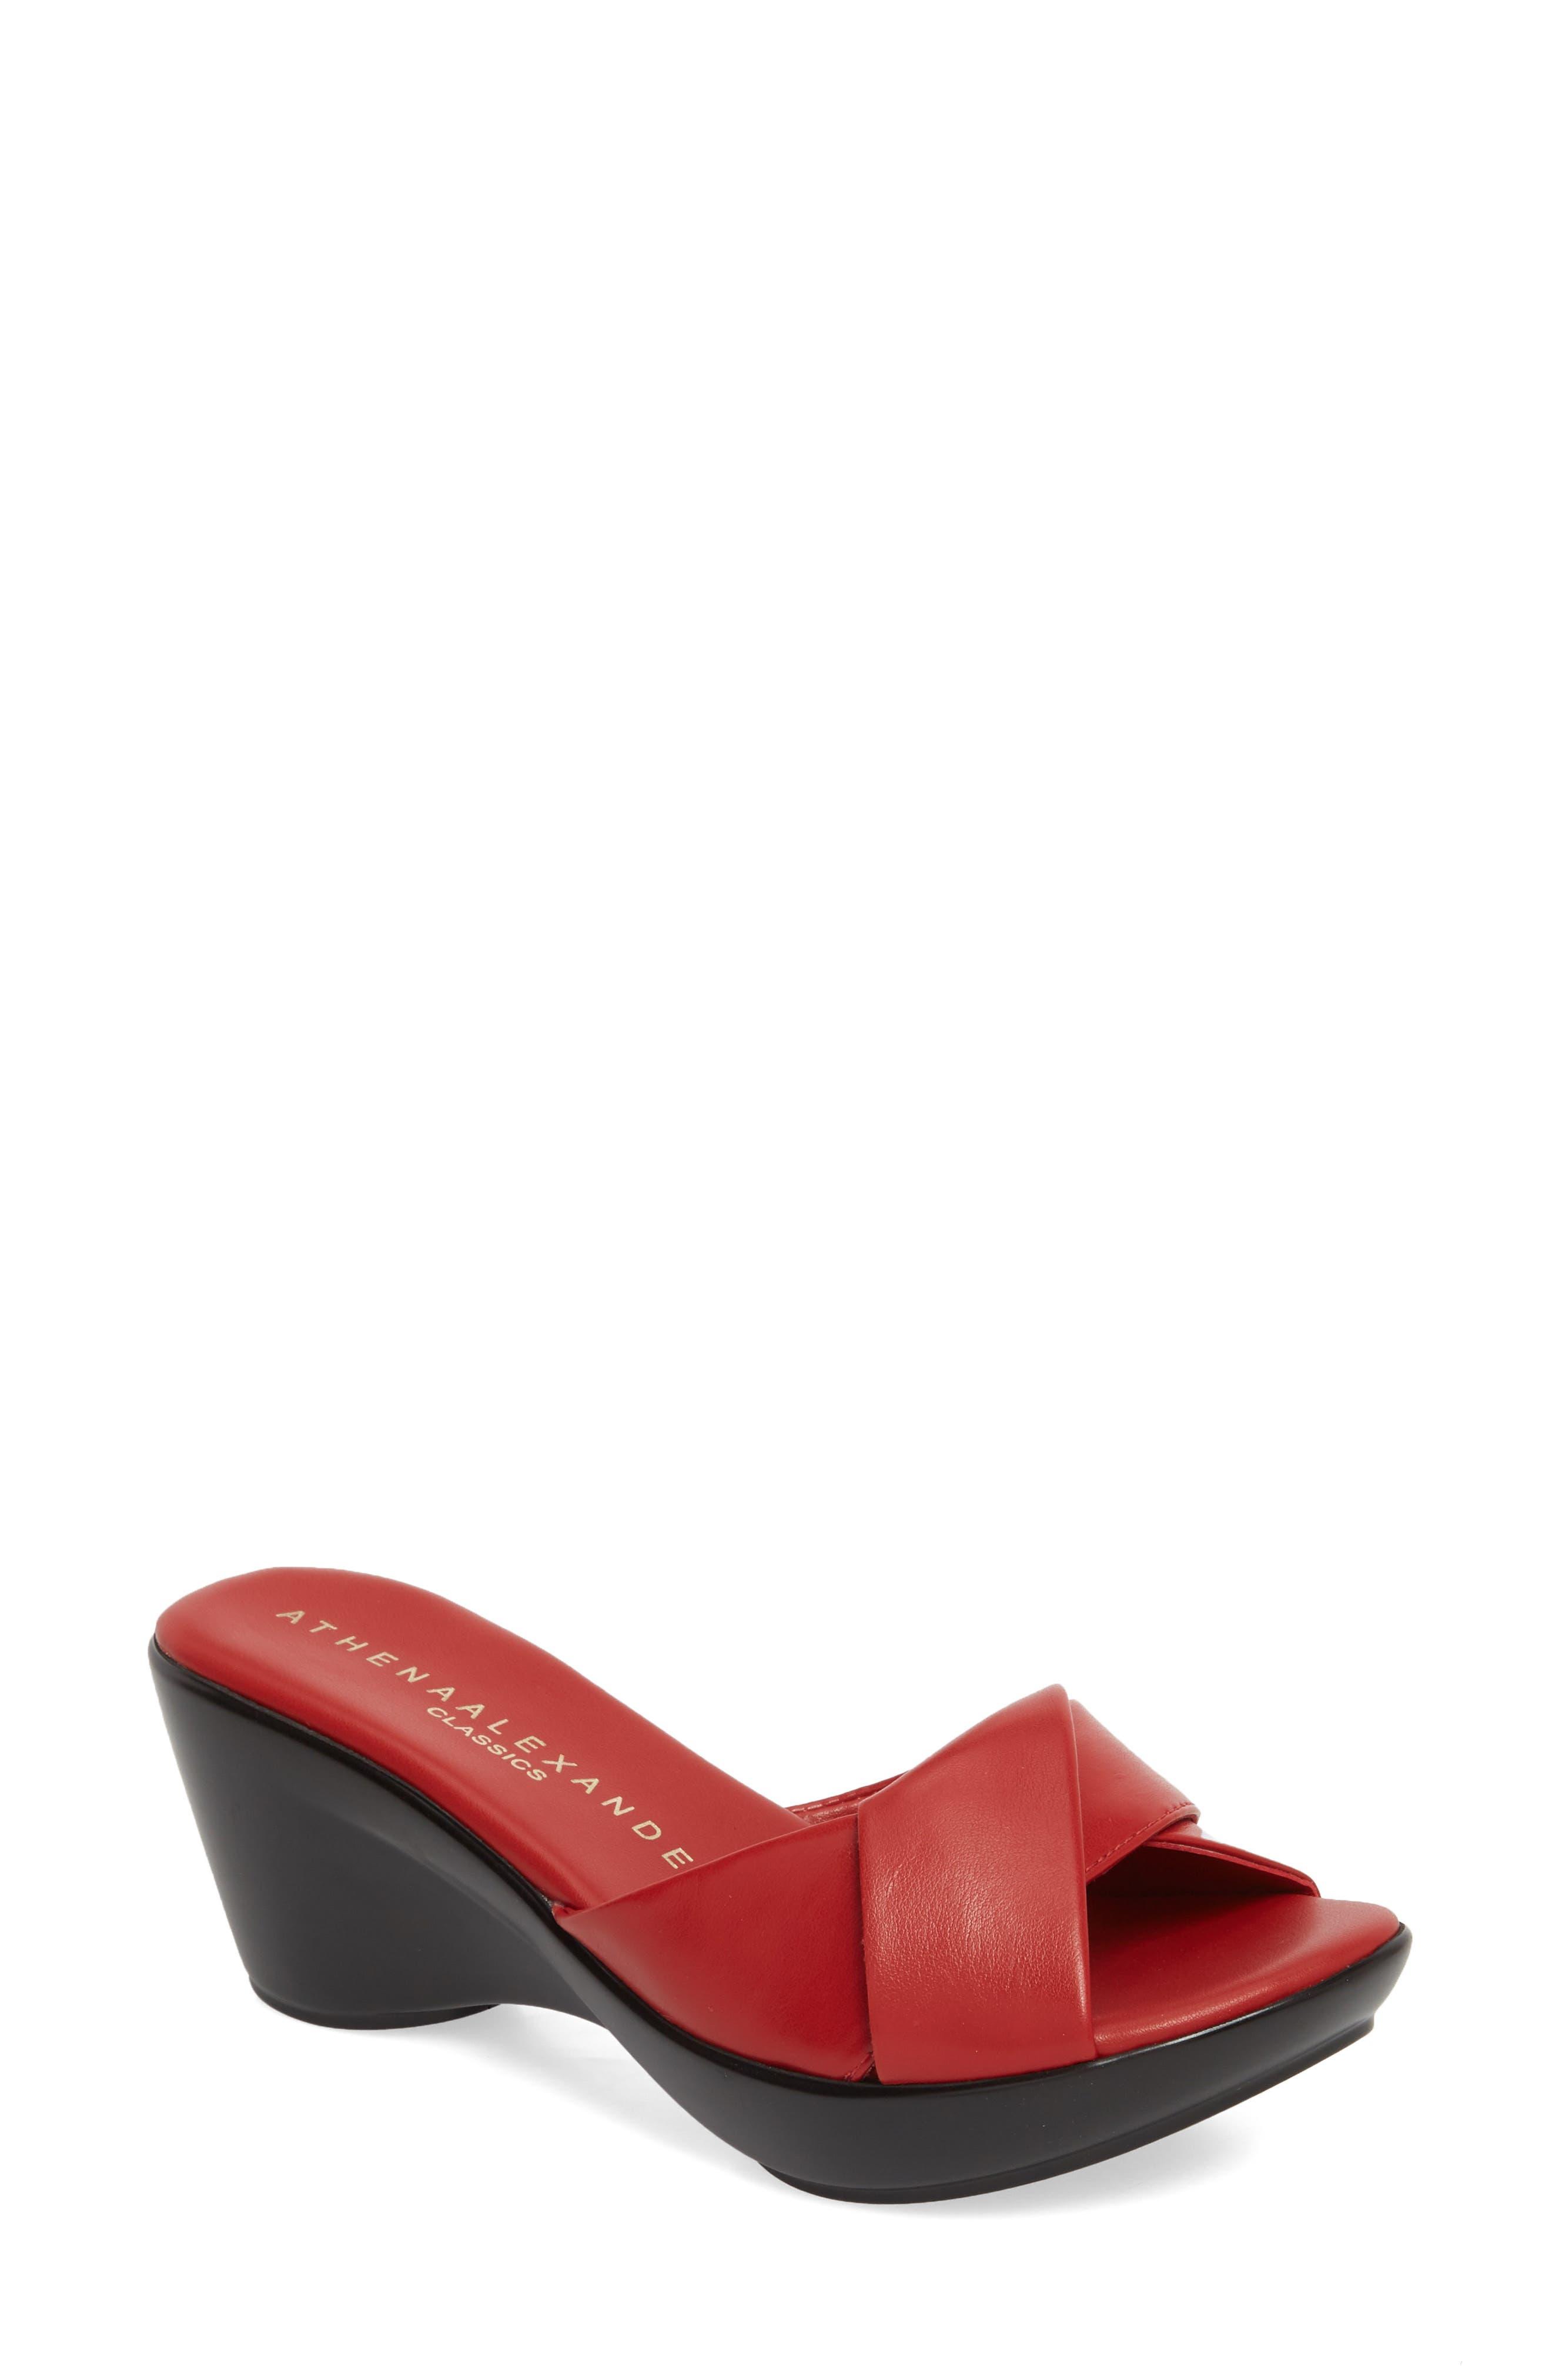 Athena Alexander Orlando Slide Sandal- Red